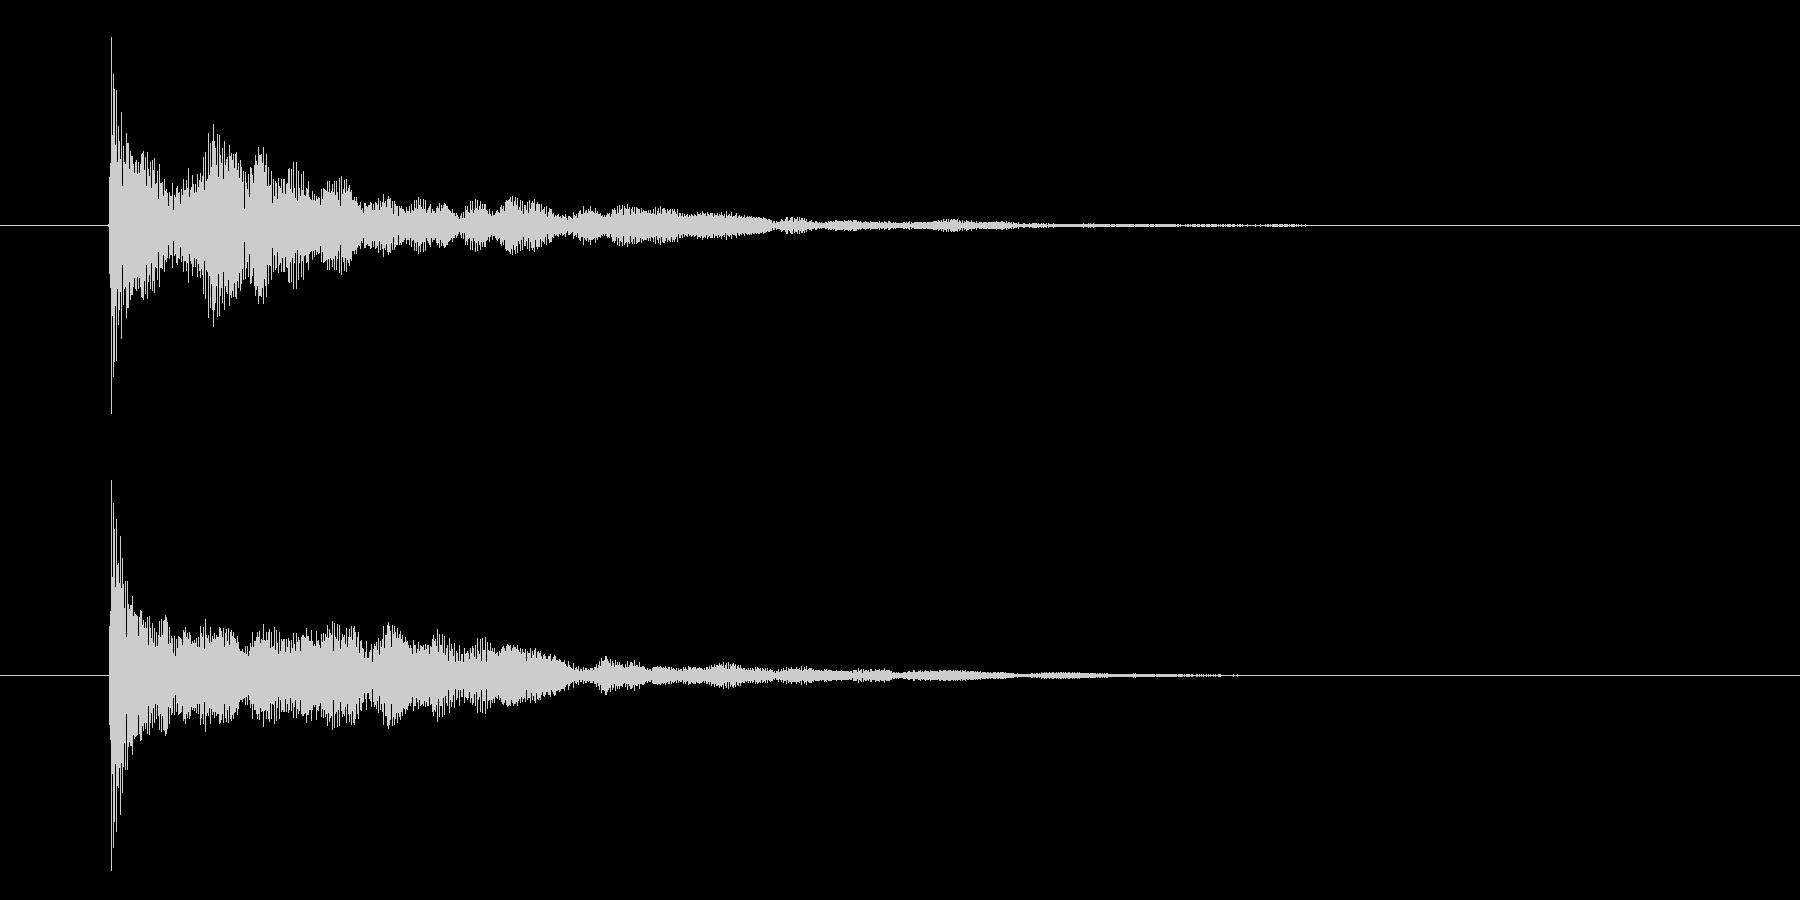 シンセピチカートのサウンドロゴ2の未再生の波形